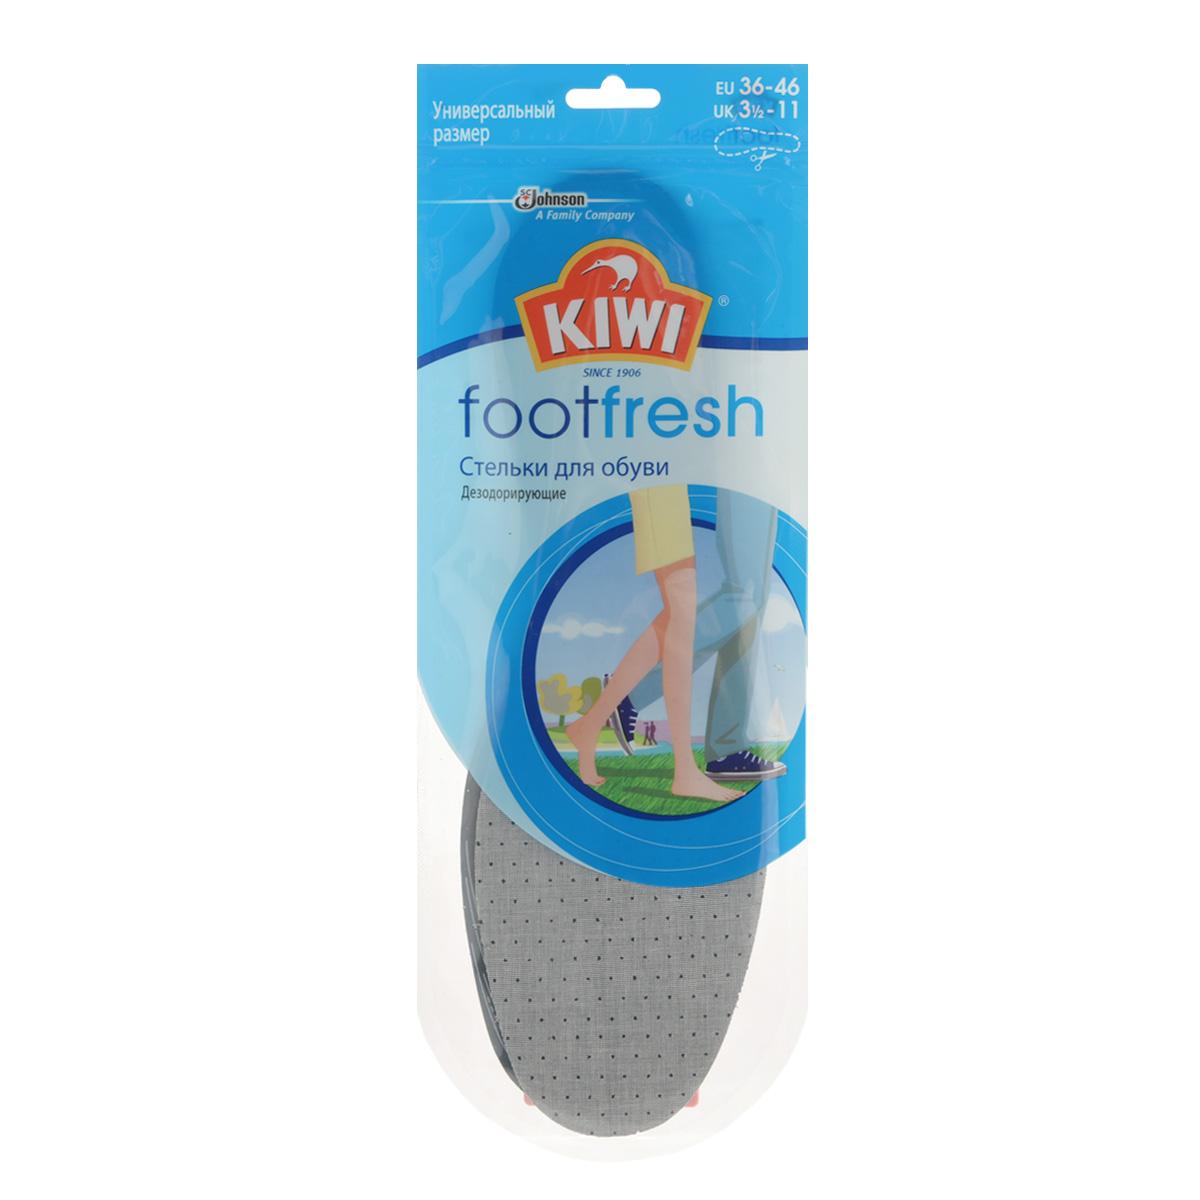 Стельки дезодорирующие Kiwi FootFresh, с активированным углем632101Стельки для обуви Kiwi FootFresh сохраняют свежесть ваших ног. Специальный слой с активированным углем обеспечивает защиту от неприятного запаха. Дышащий верхний слой создает ощущение комфорта для ваших ног. Размер универсальный: 36-46.